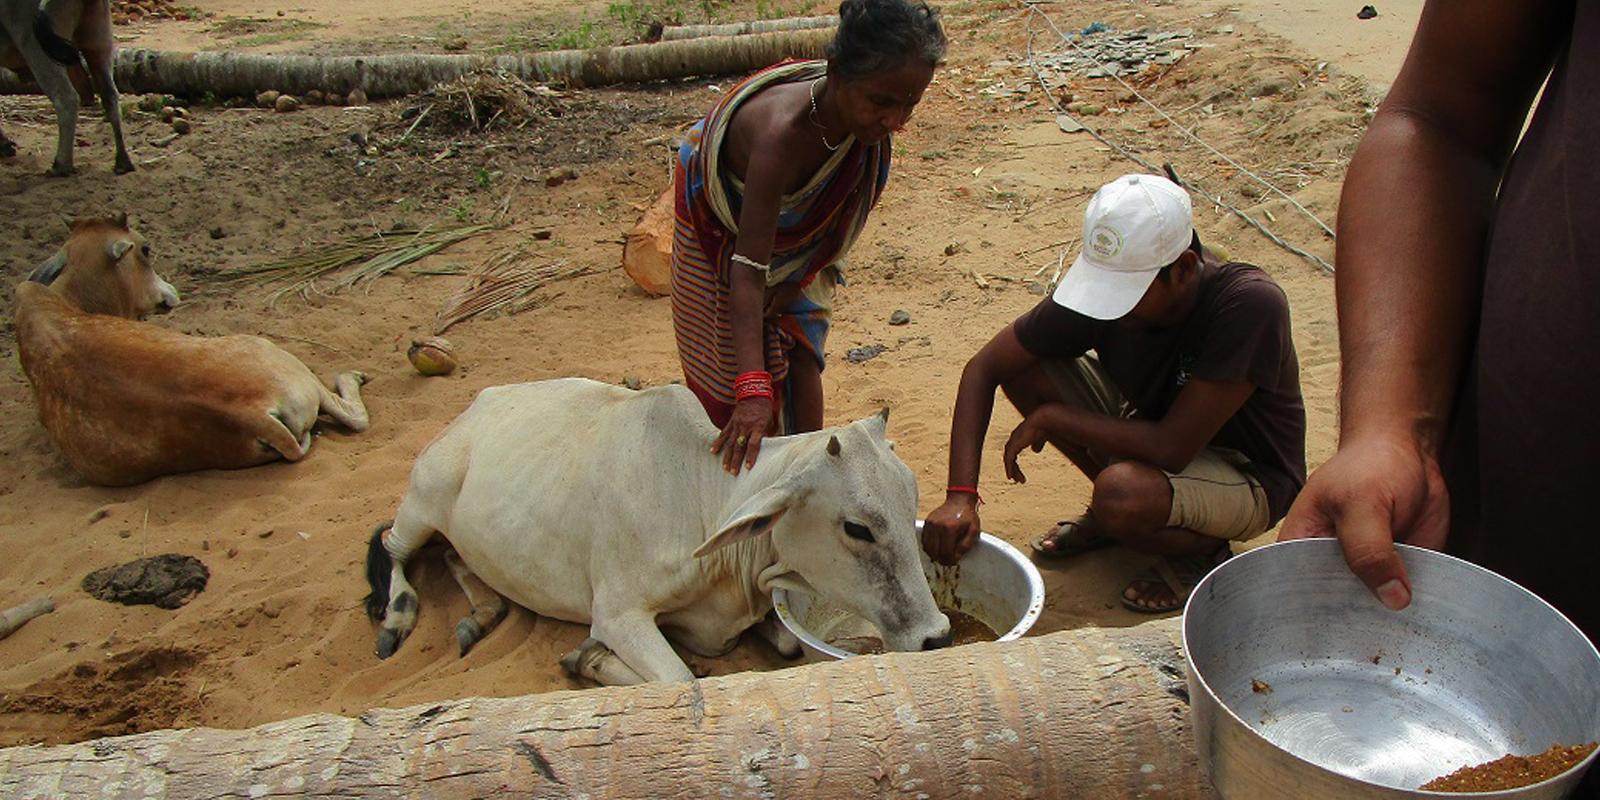 Soforthilfe in Bildern: Das tagelange Fehlen von Futter und Wasser hat die Tiere geschwächt